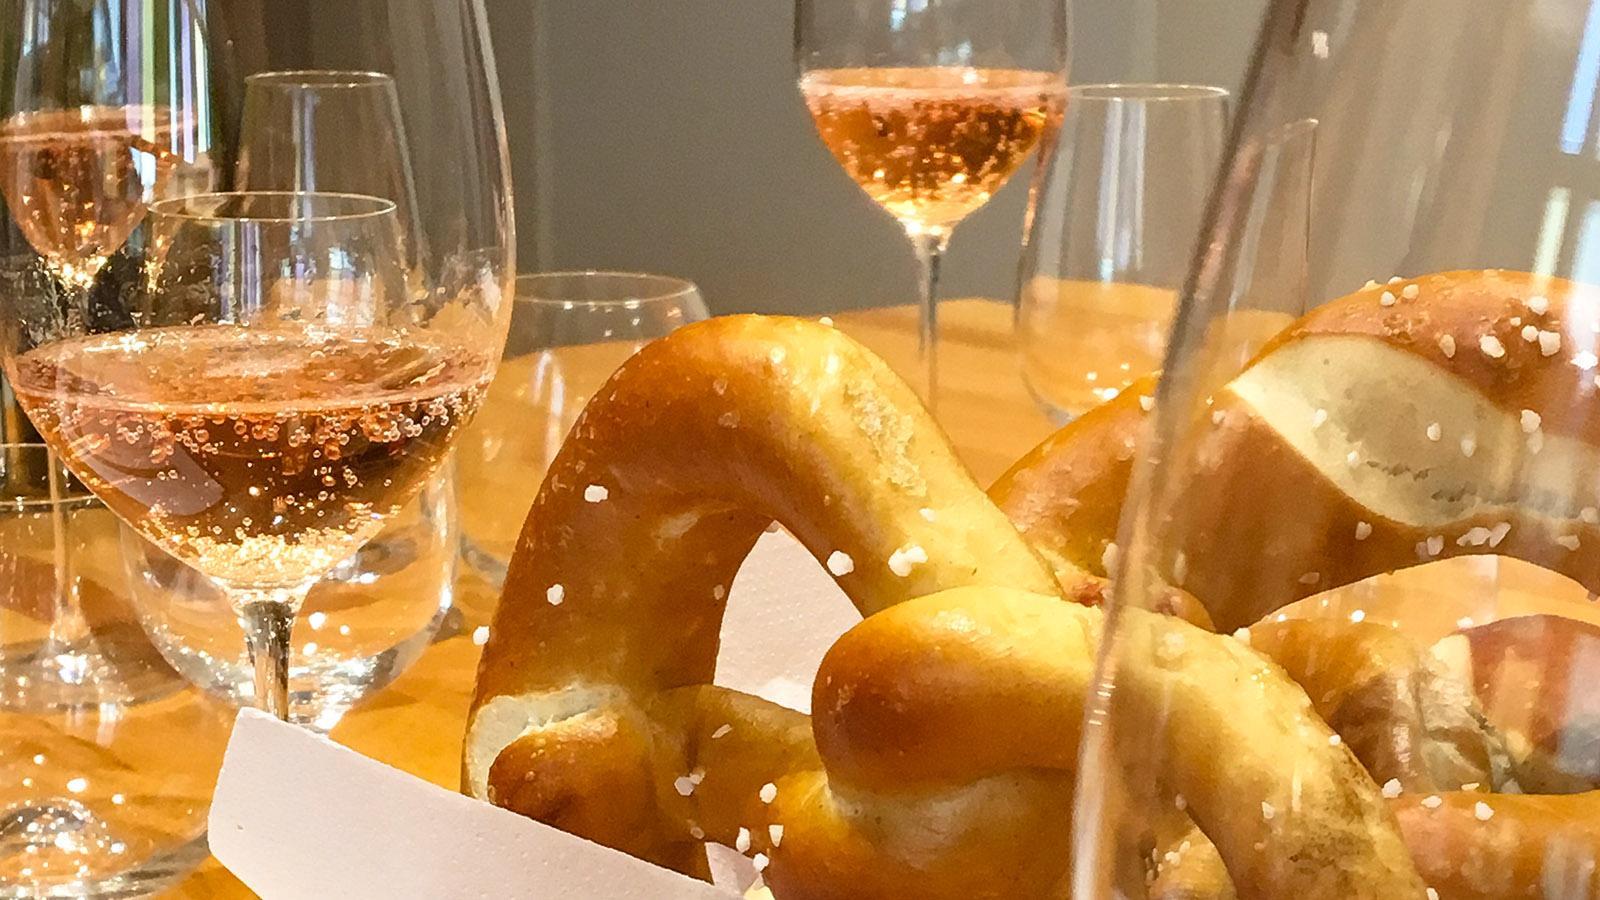 Eine köstliche Kombi zum Apéro im Elsass: Bretzeln und feinperliger Crémant - gerne auch als Rosé. Foto: Hilke Maunder